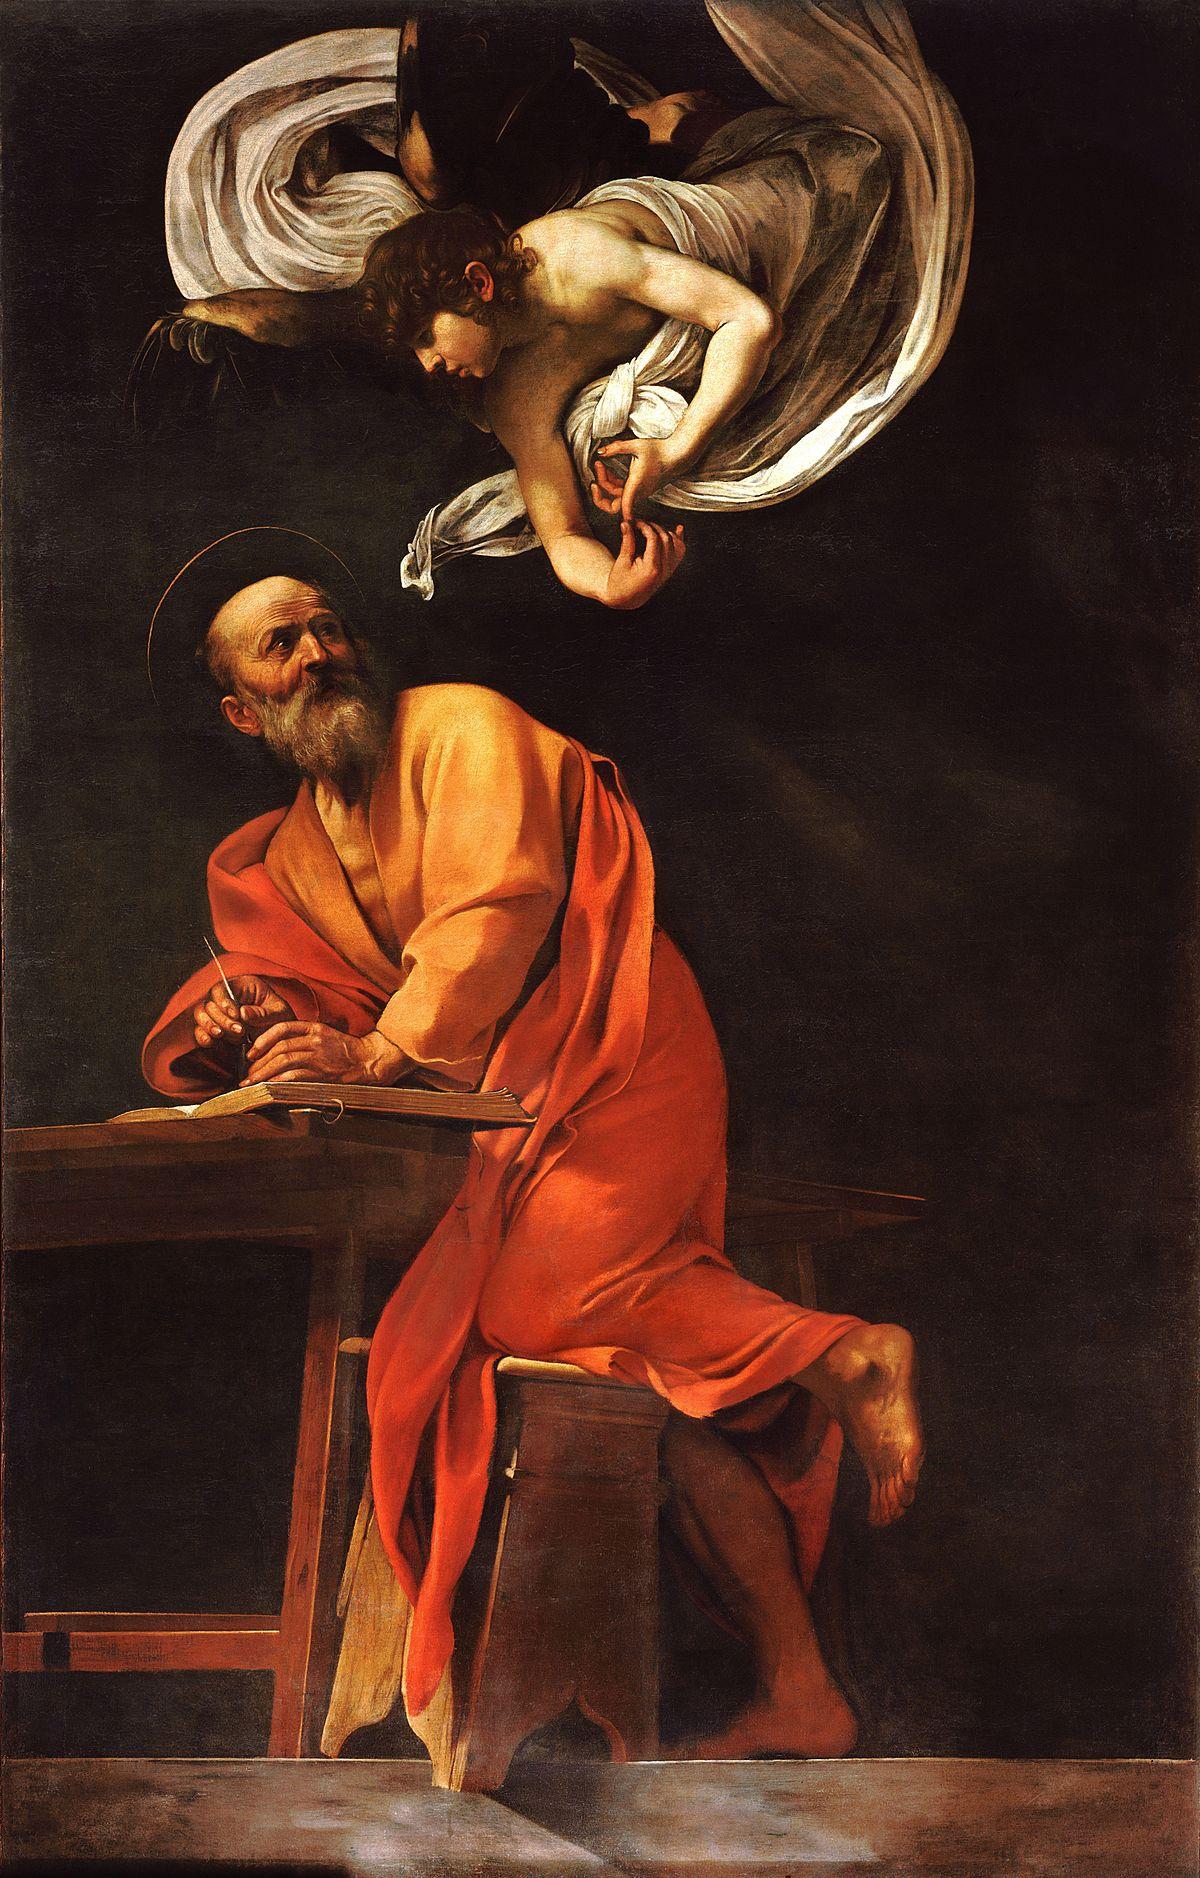 La Vocation De Saint Matthieu : vocation, saint, matthieu, Saint, Matthieu, L'Ange, Wikipédia